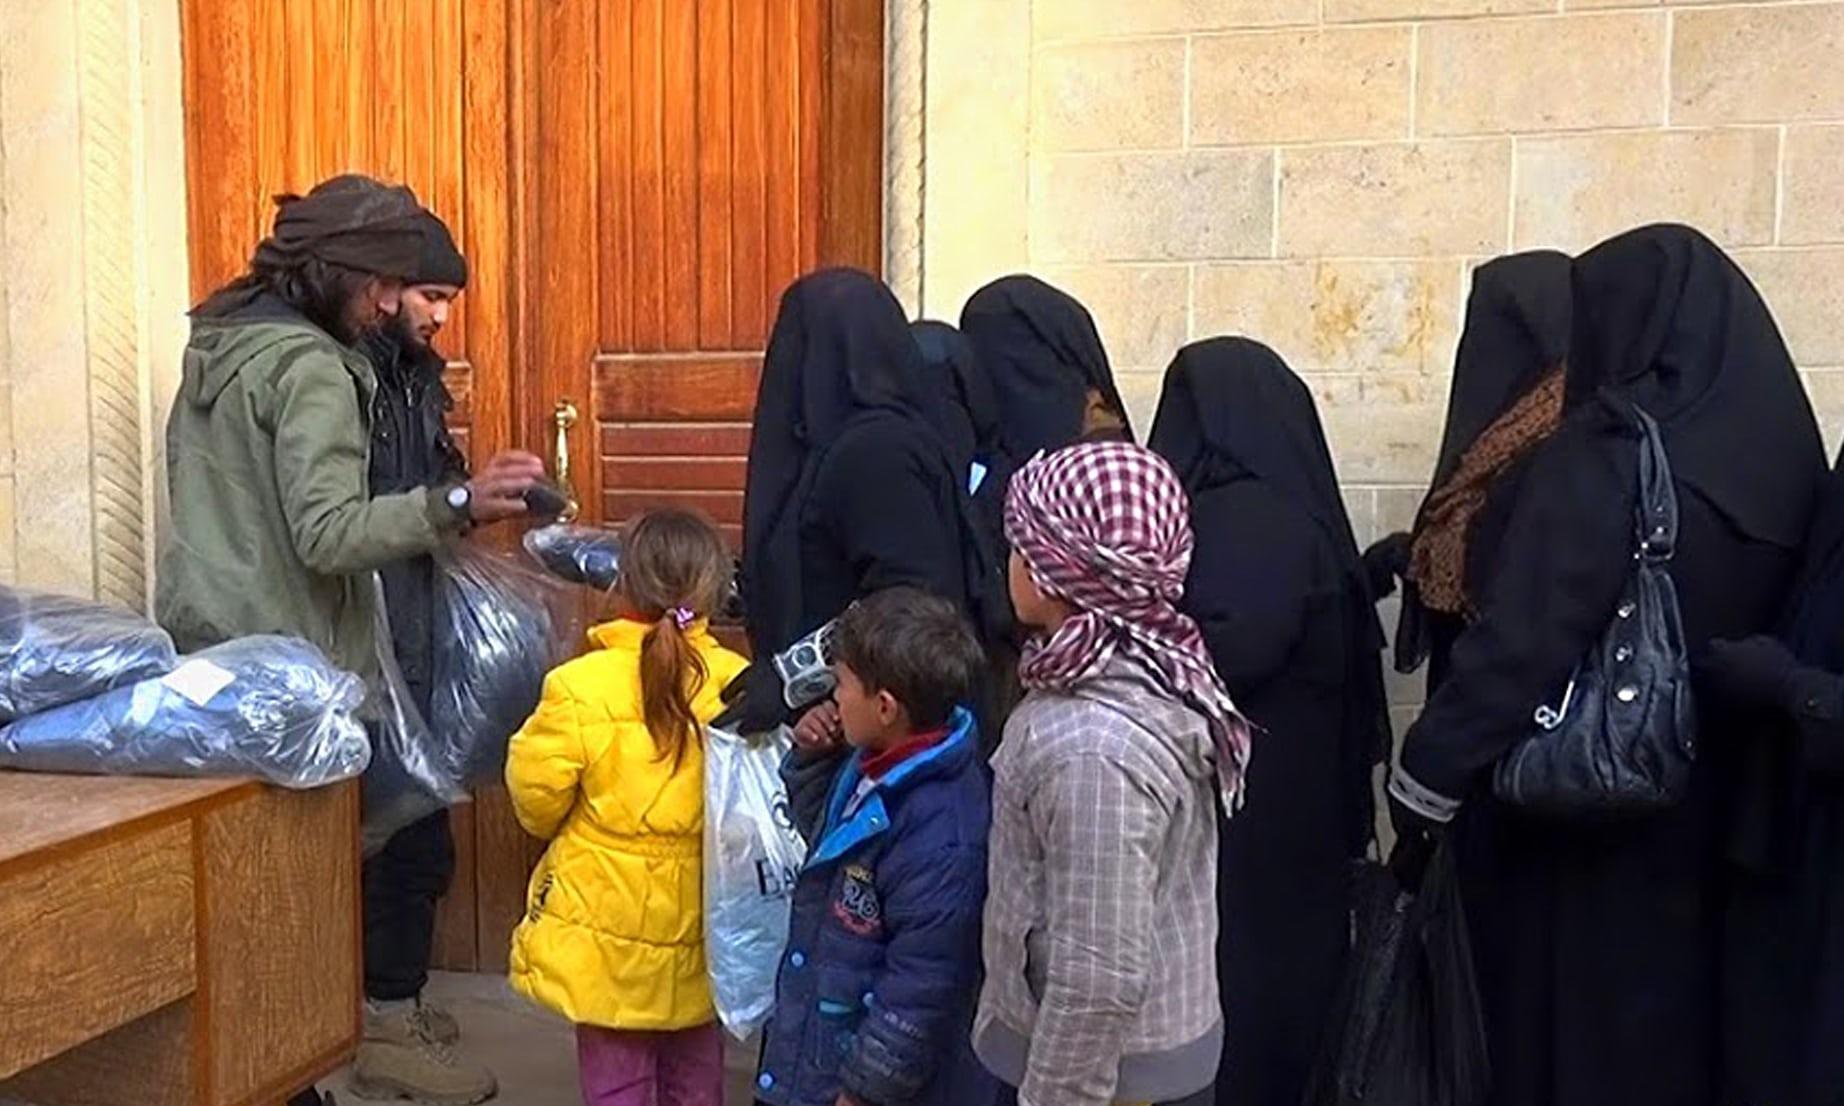 عنصرين من التنظيم يوزعون النقاب على نساء الموصل (أسوشيتد برس)